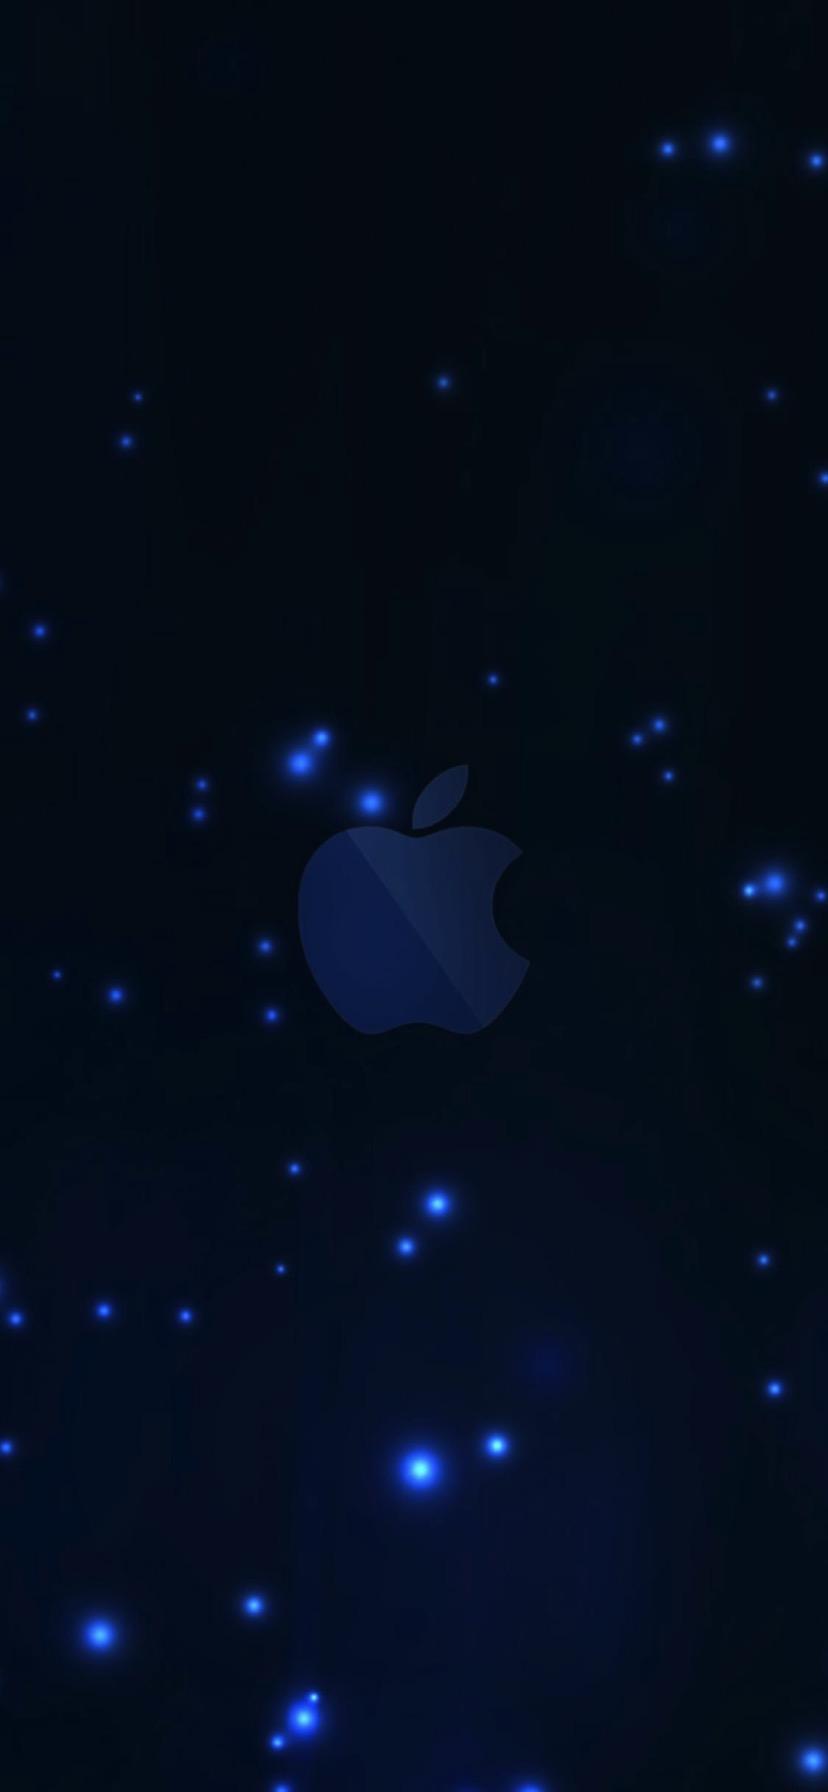 iPhone XR wallpaper 0386